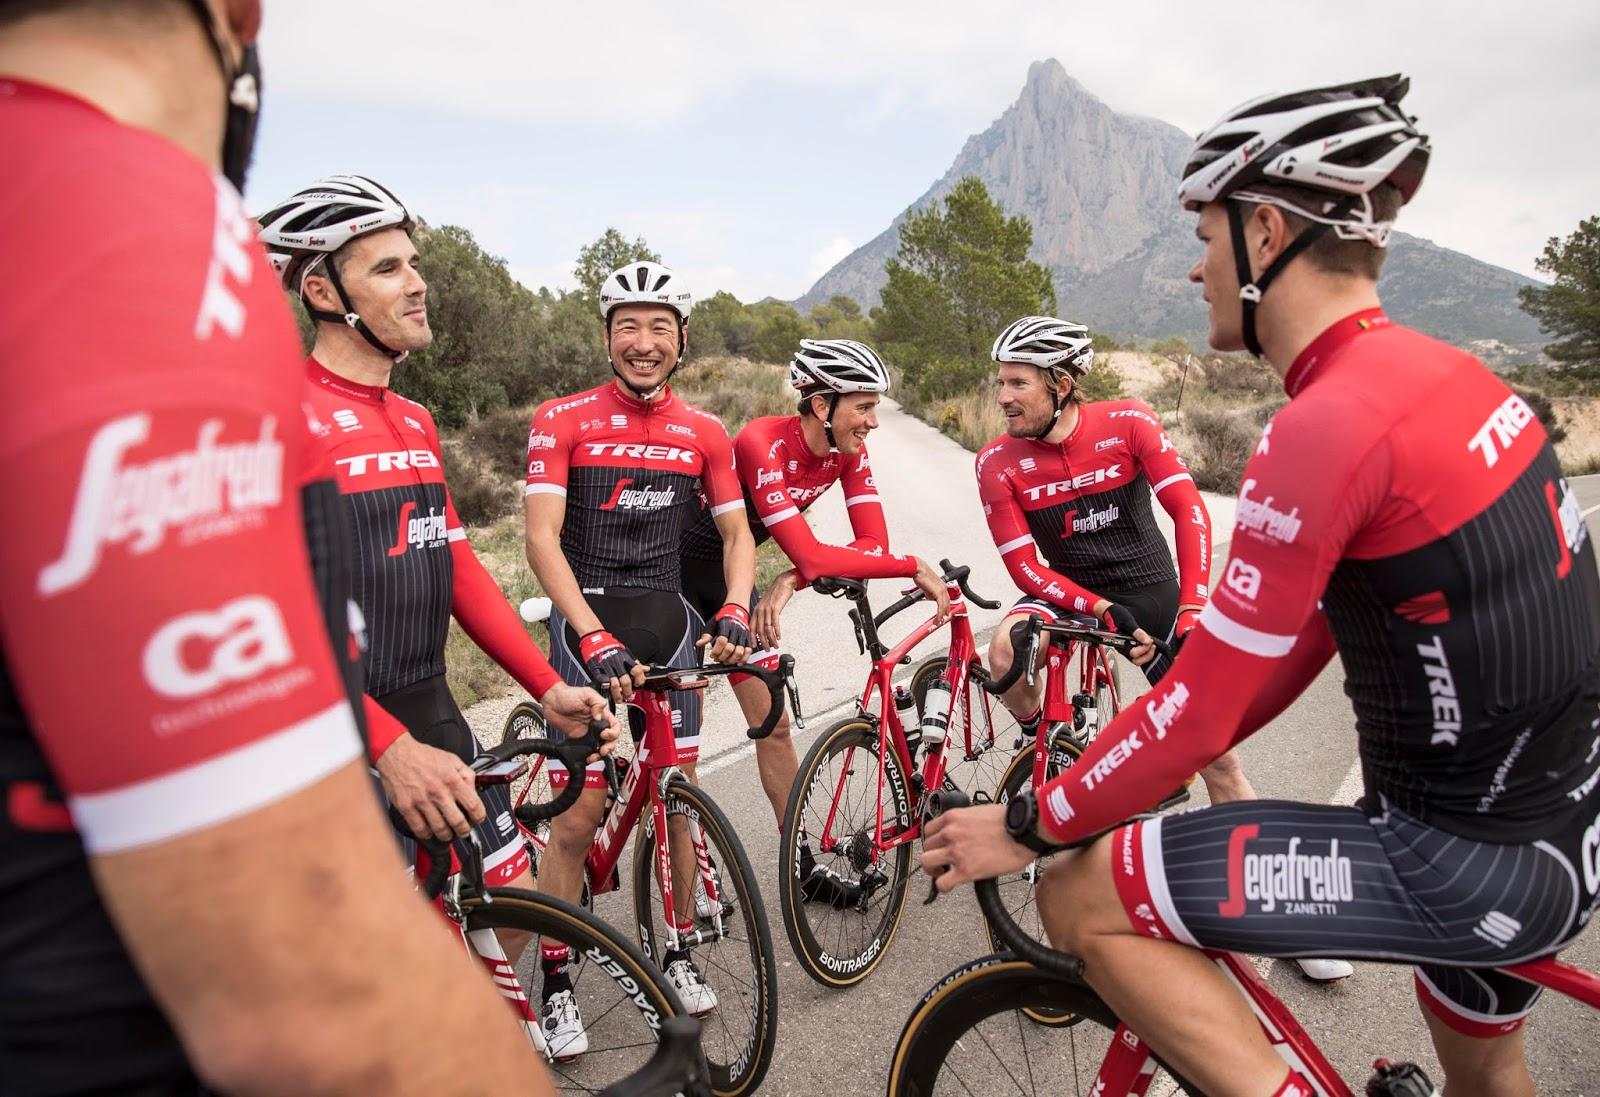 nuevo estilo 100% de garantía de satisfacción más fotos Sportful presenta la nueva equipación del Trek Segafredo ...